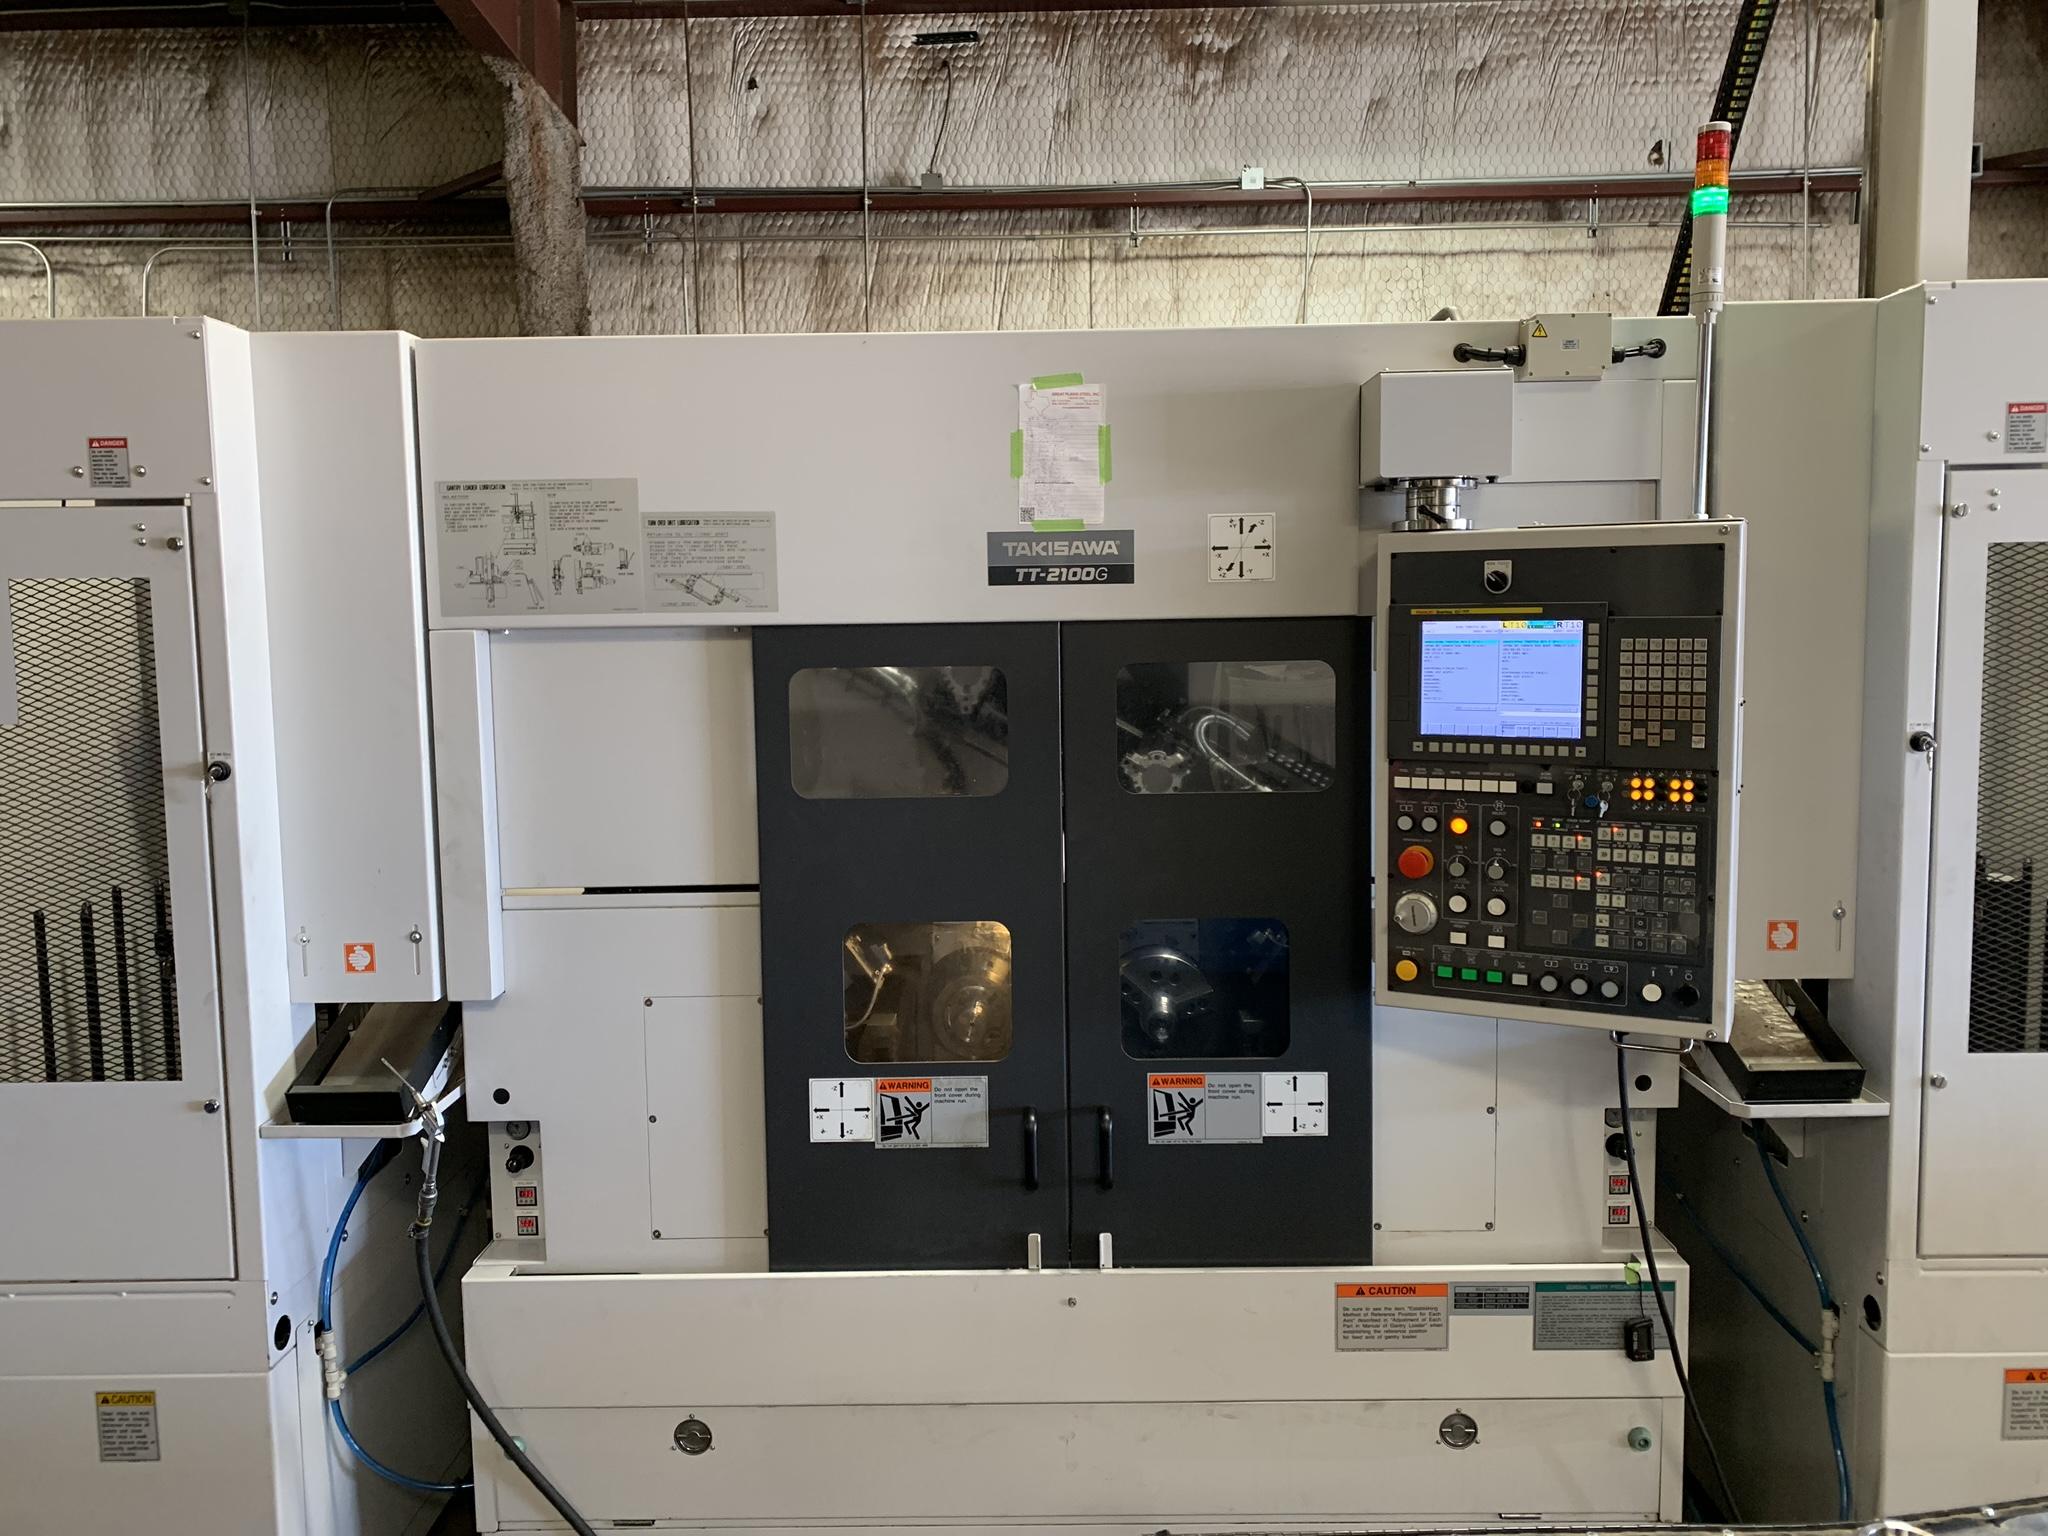 Used Dual Spindle Lathe Takisawa TT-2100G 2018